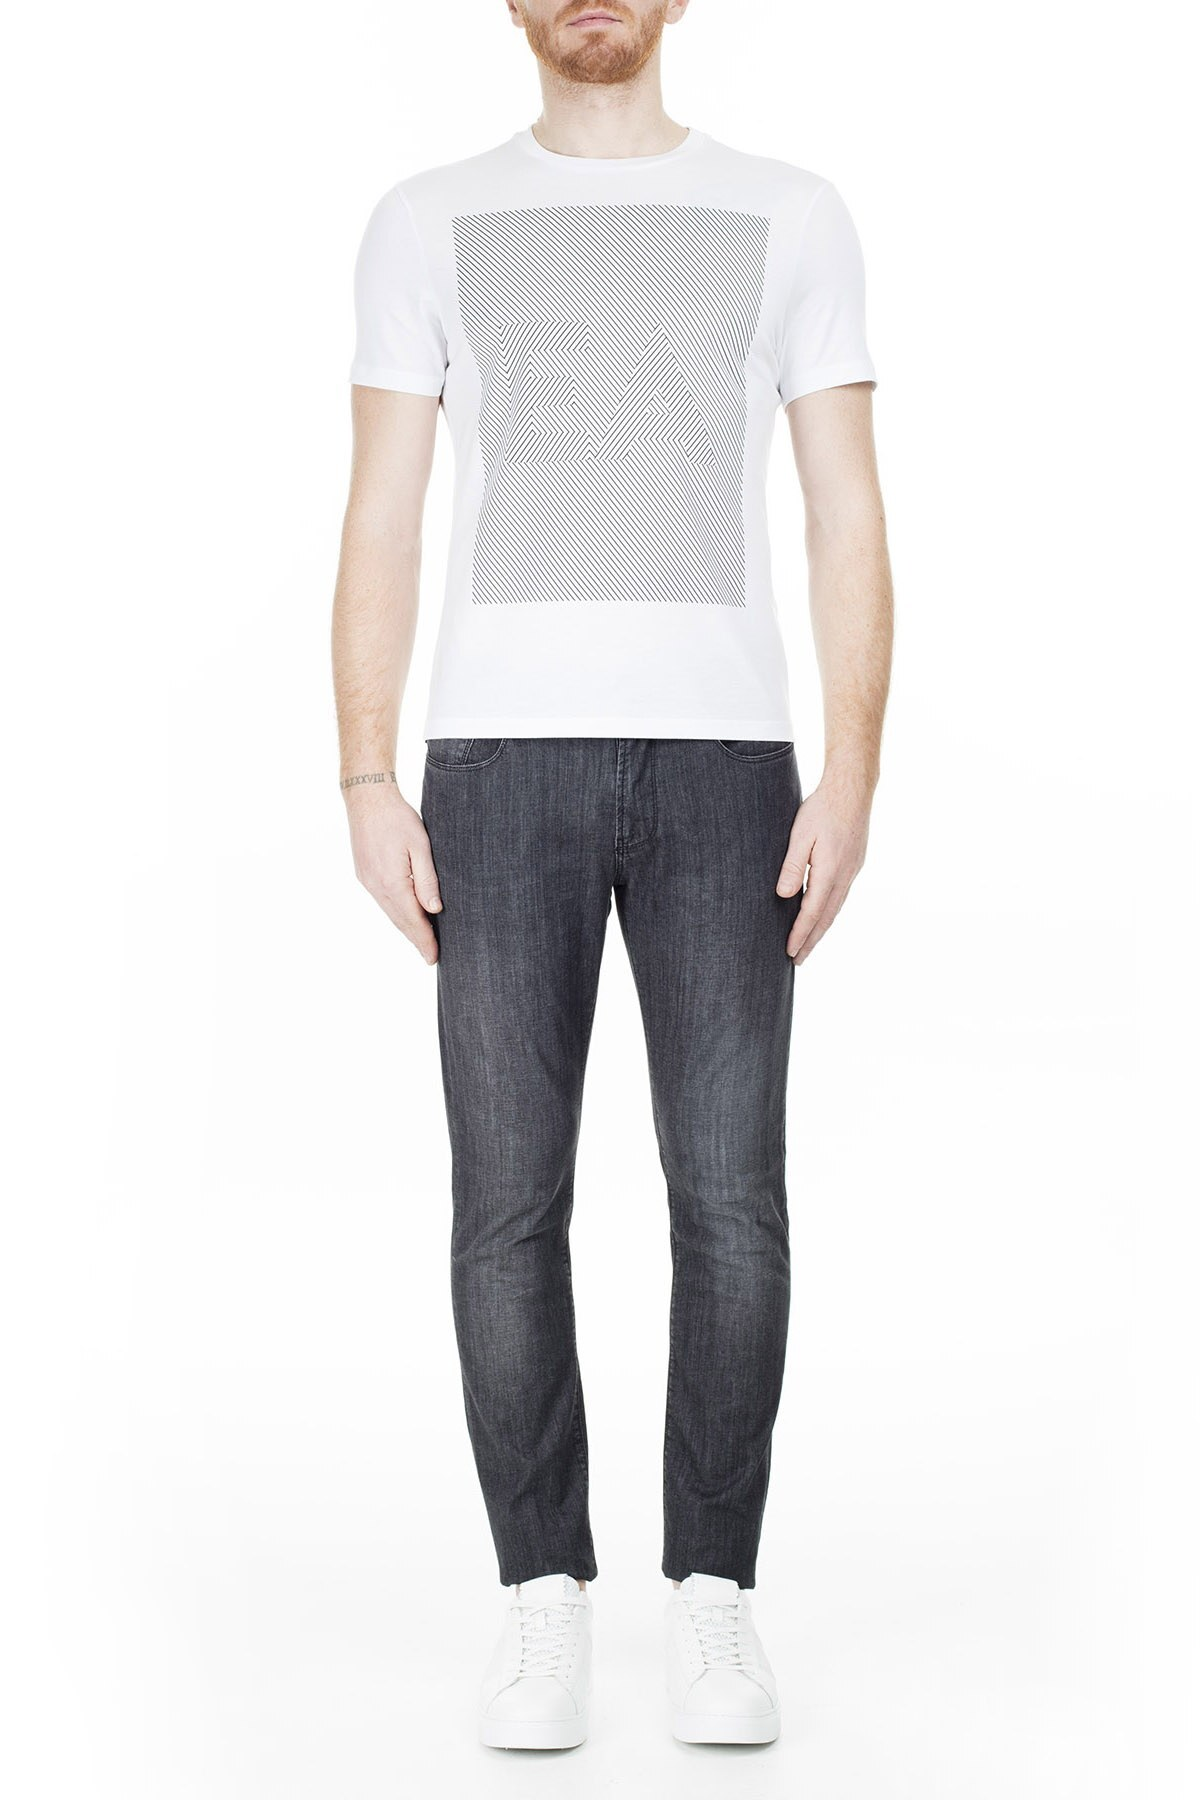 Emporio Armani J06 Jeans Erkek Kot Pantolon 3H1J06 1D5PZ 0006 SİYAH